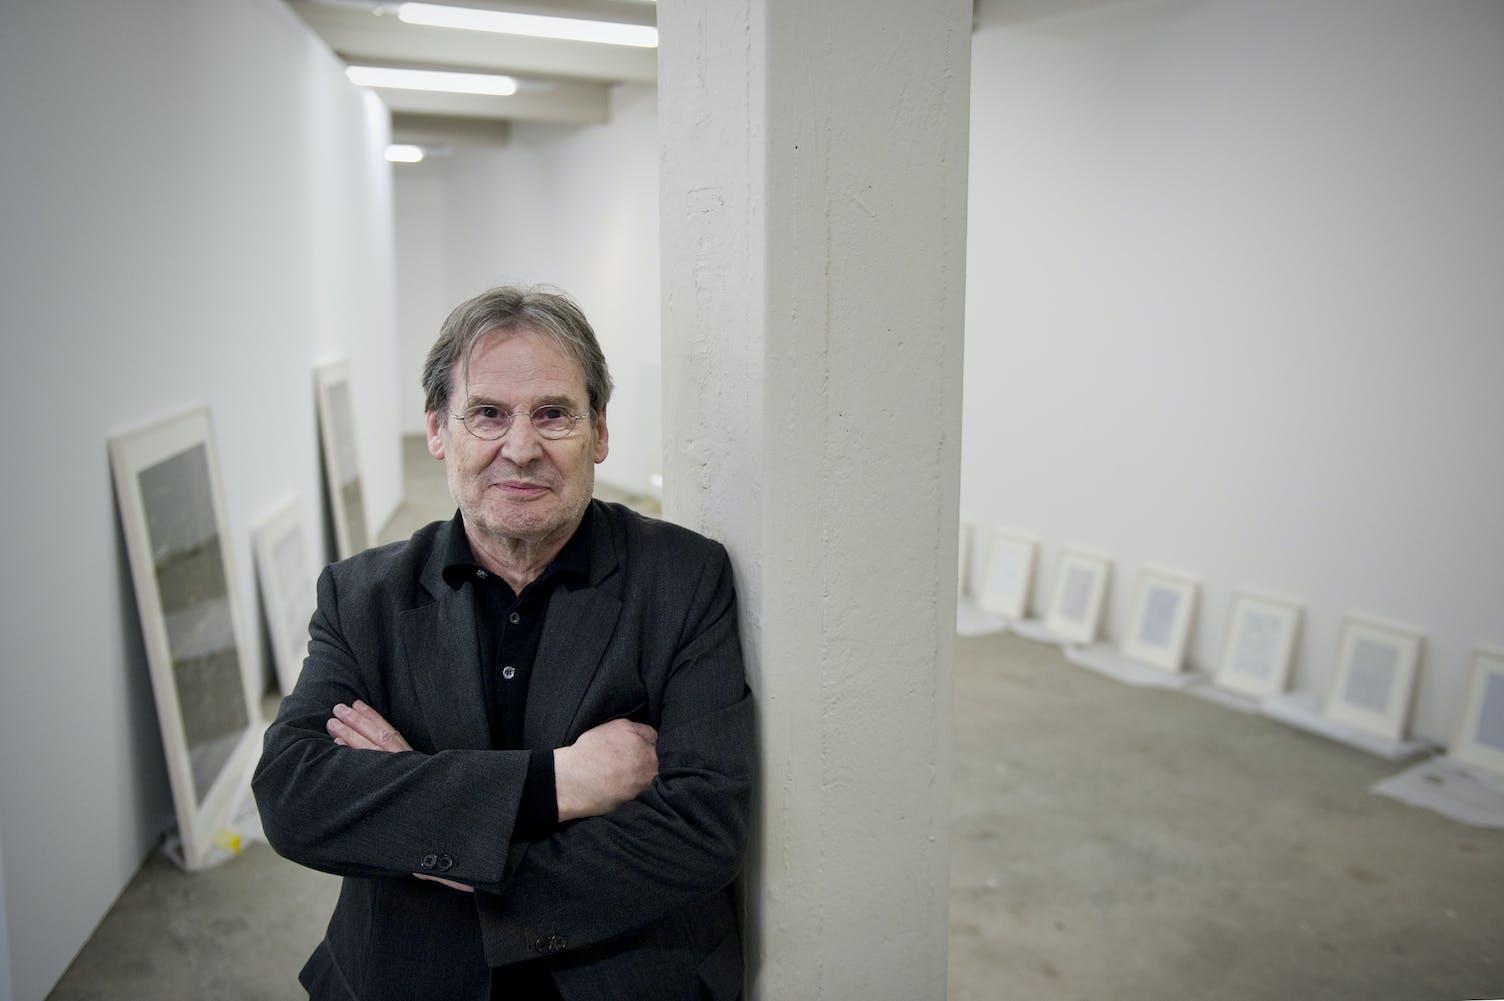 Bernard Tagwerker